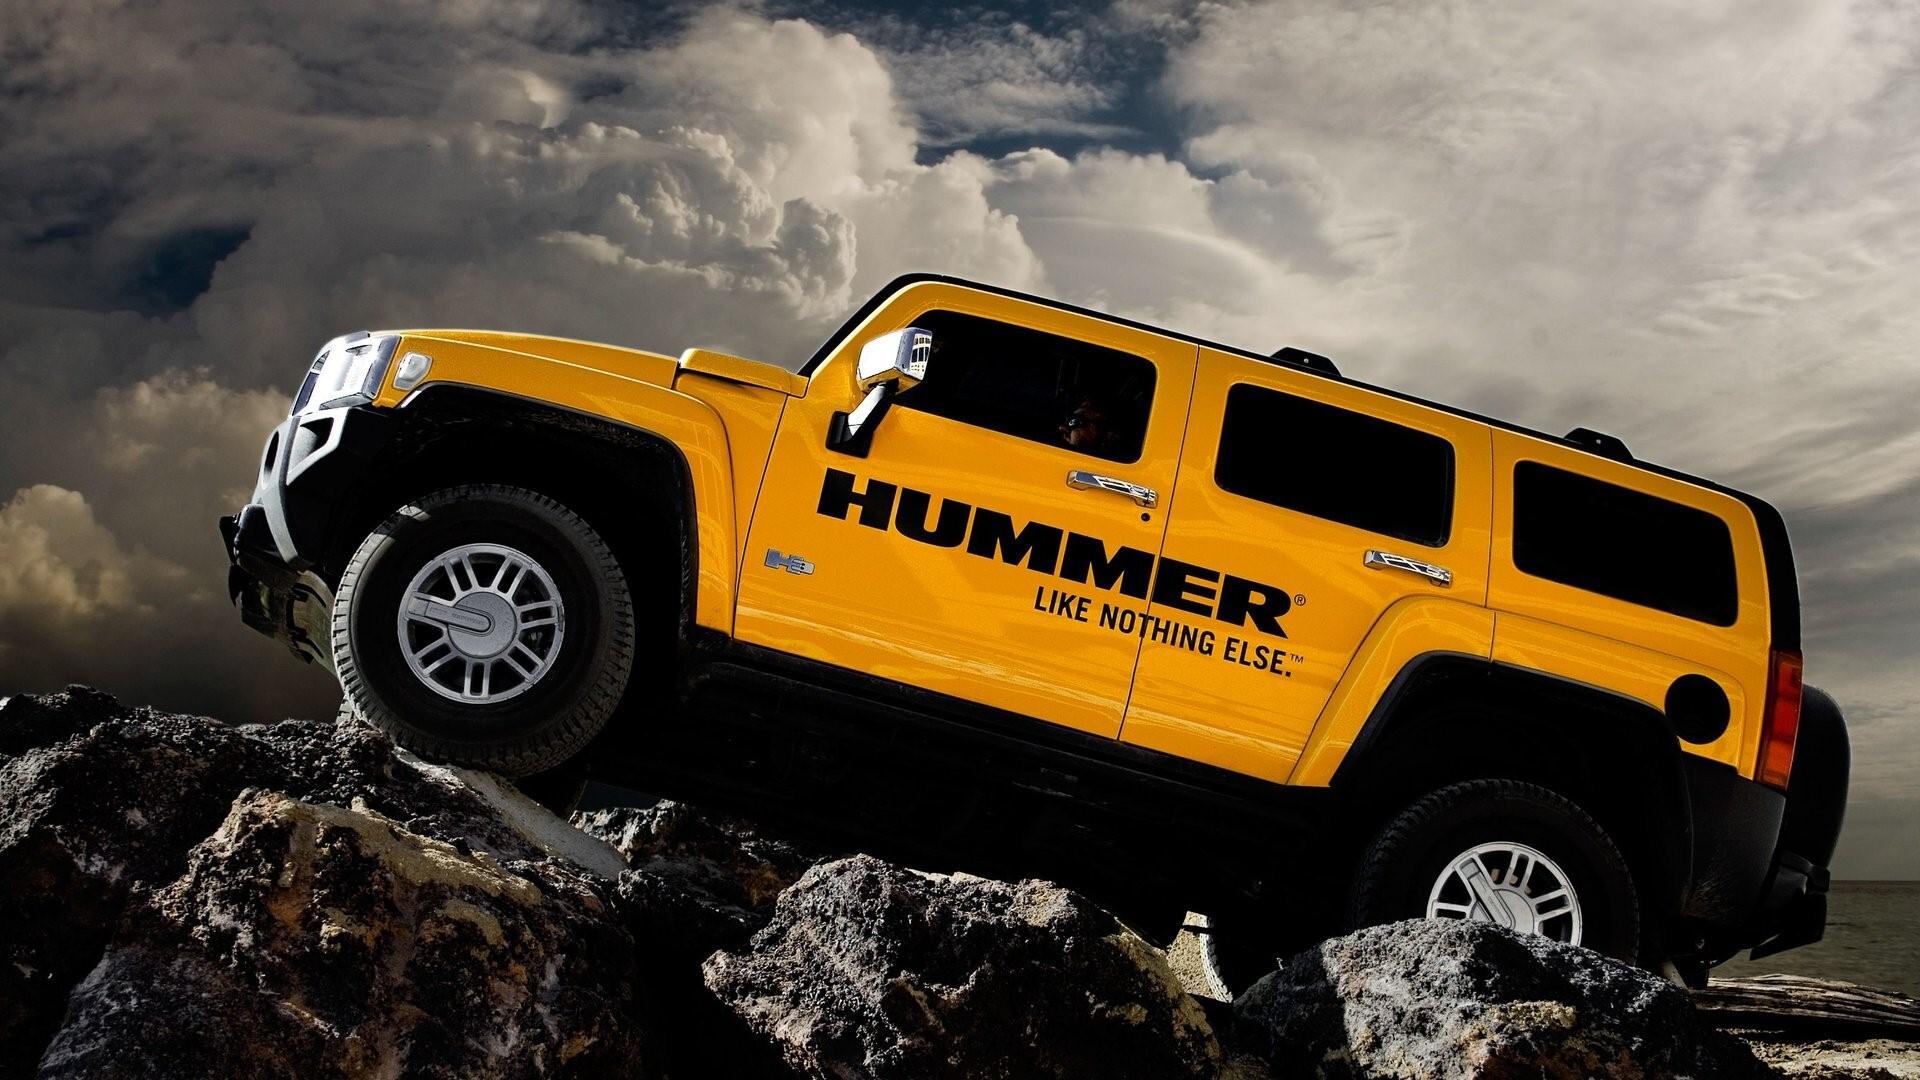 Yellow Hummer Car Pics Hd Wallpapers